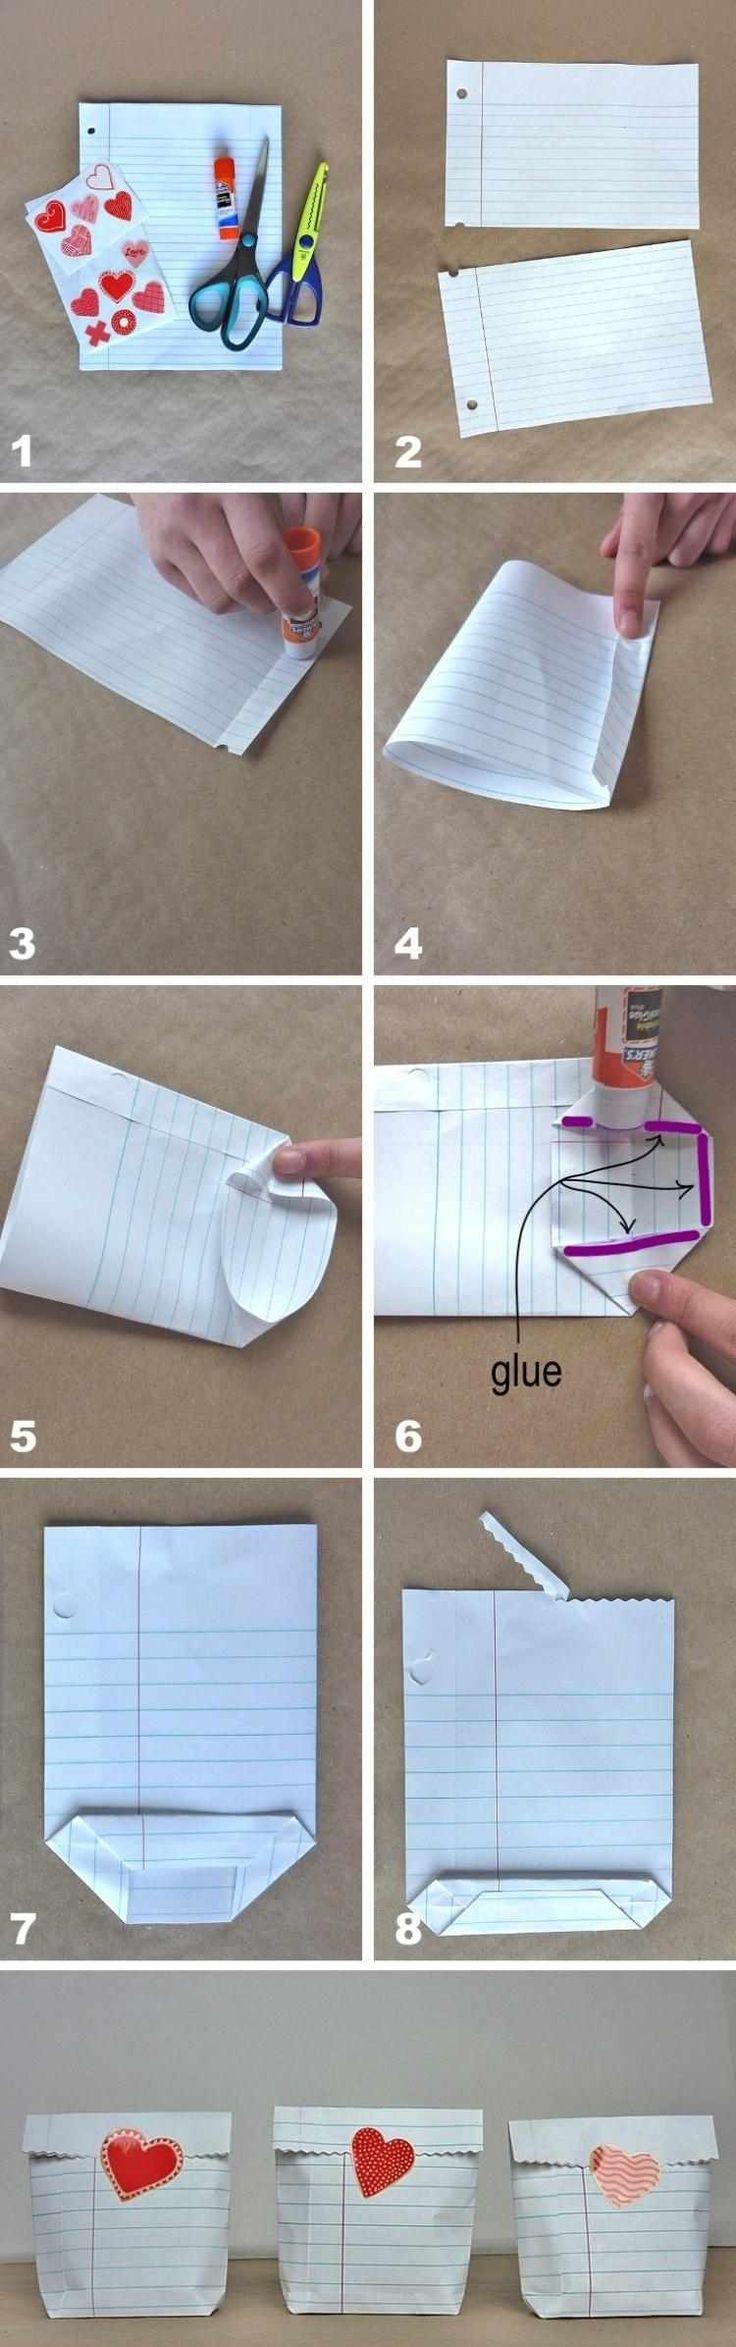 Geschenke Für Vorschulkinder  Tüte aus einem Blatt Papier falten Anleitung